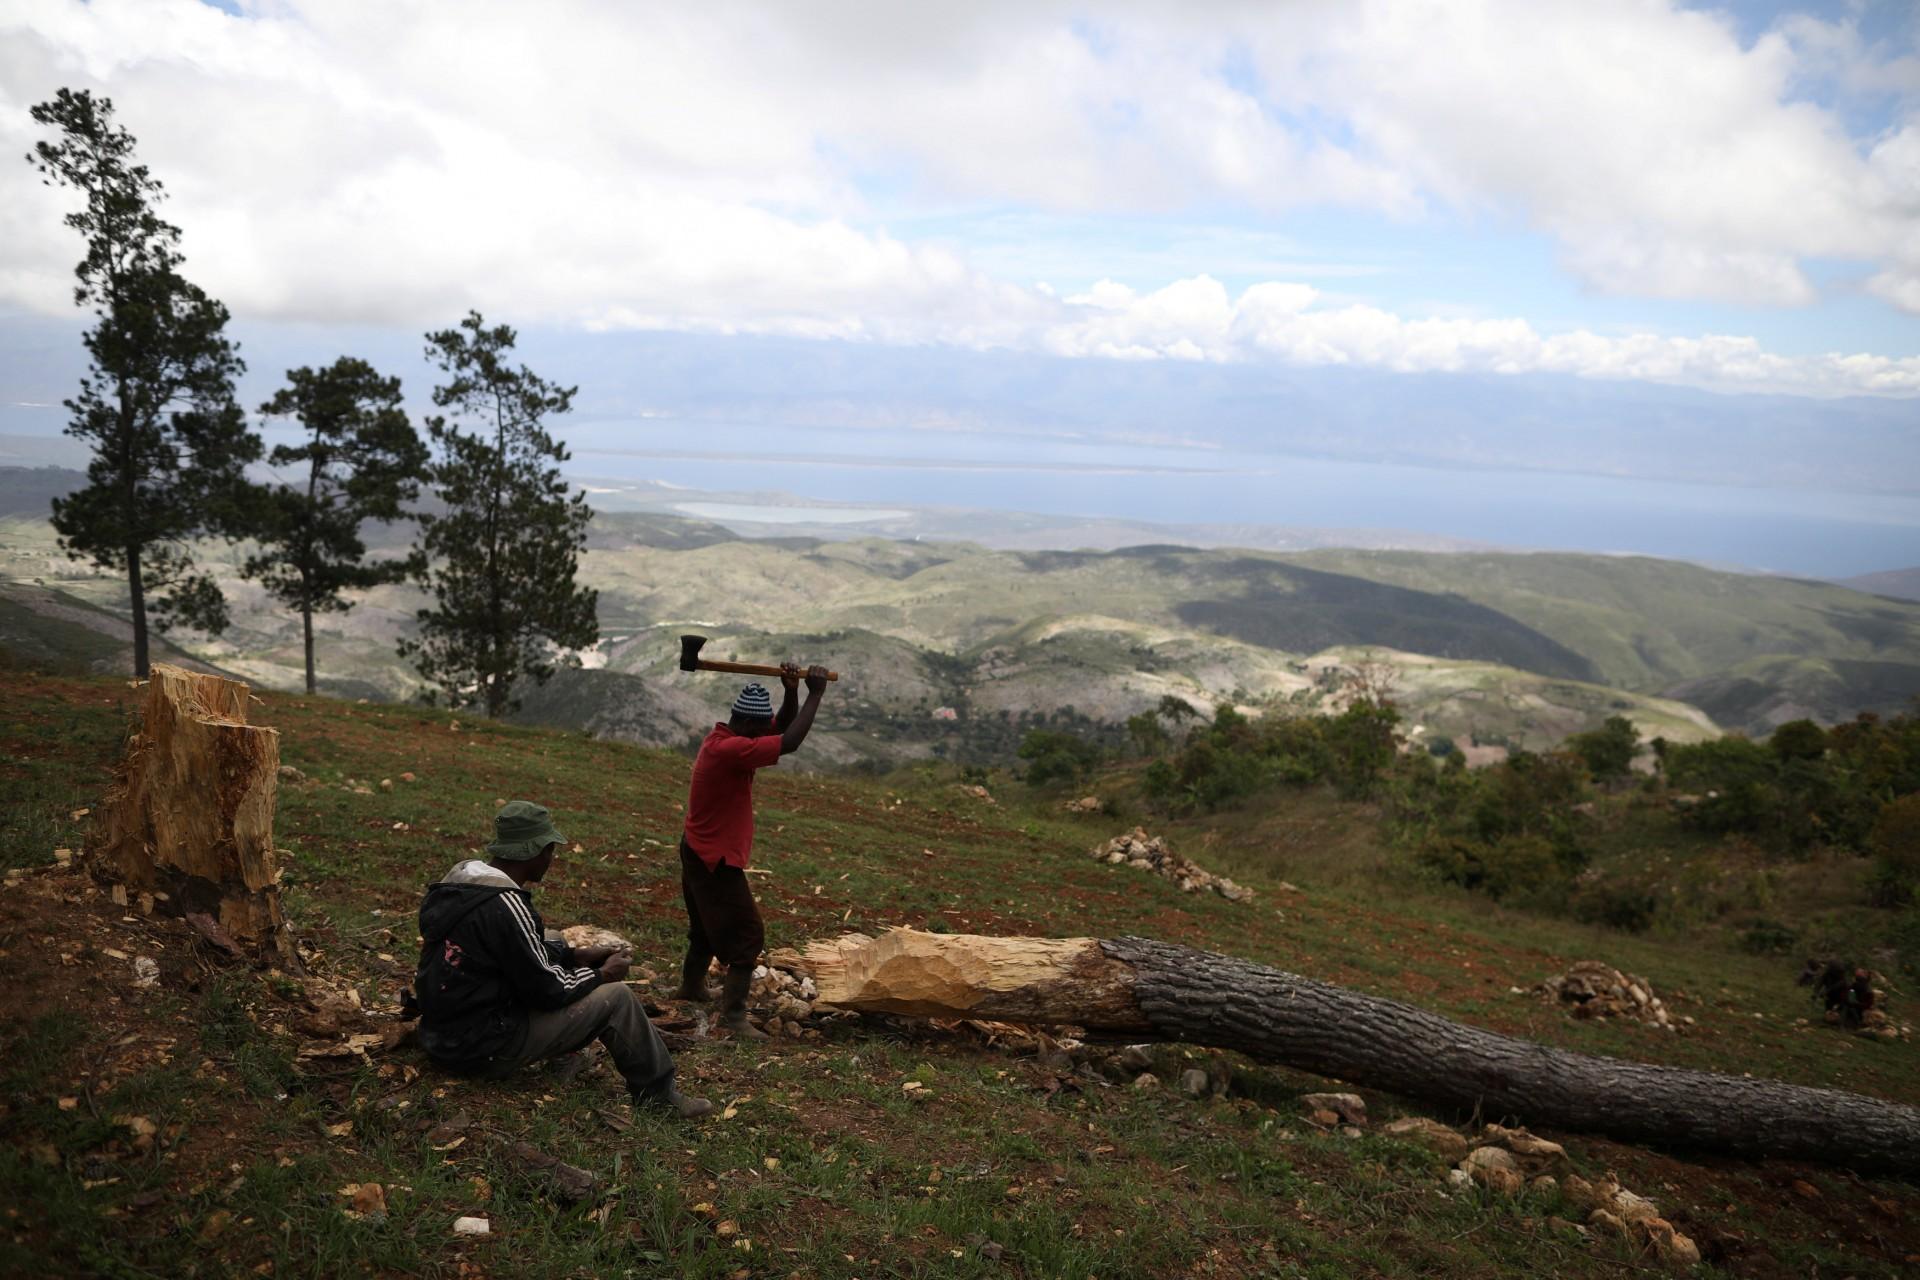 Un hombre corta un árbol en los campos de Chapotin, Boucan Ferdinand y República Dominicana al fondo, en el sendero que conecta Boucan Ferdinand y Chapotin, Haití, 11 de abril de 2018.